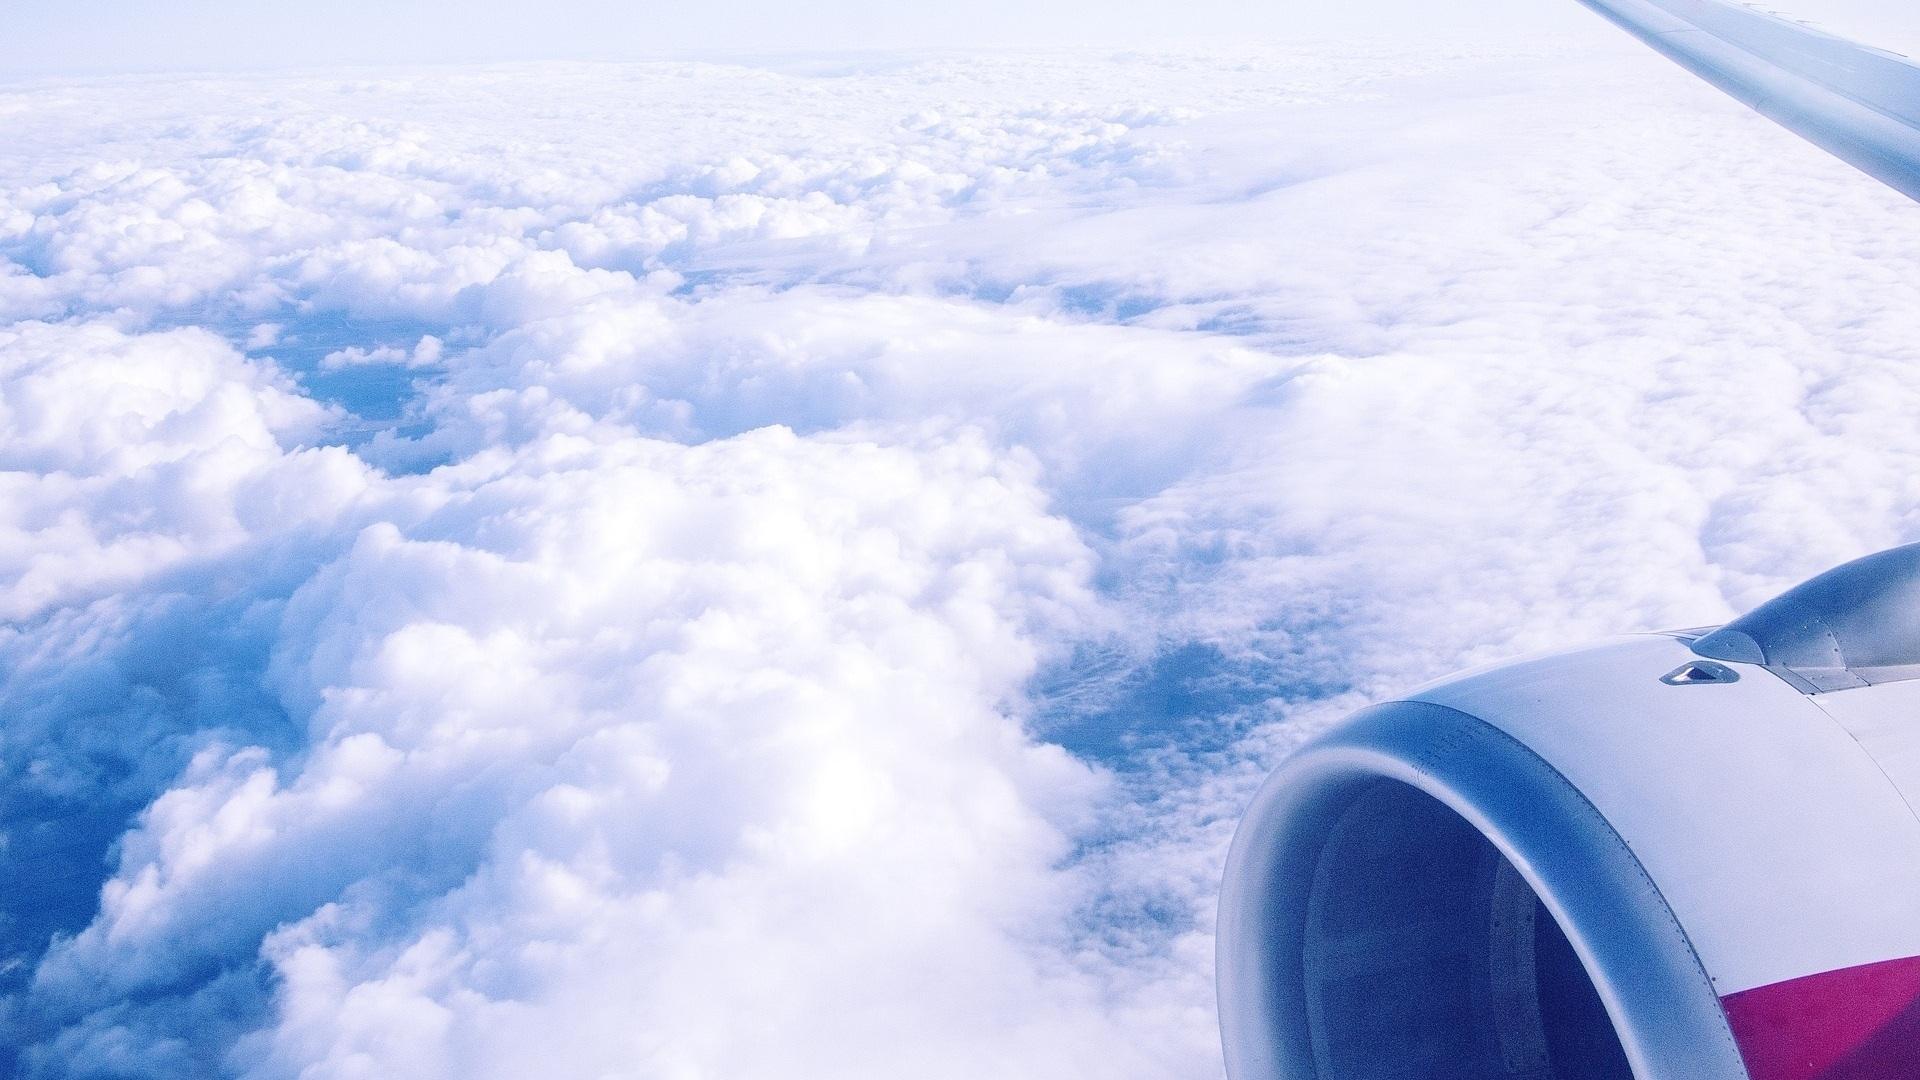 FLYG - Vi har de bästa förbindelserna till Miami. Både SAS och Norwegian flyger direkt till området men vi bokar även andra bolag.